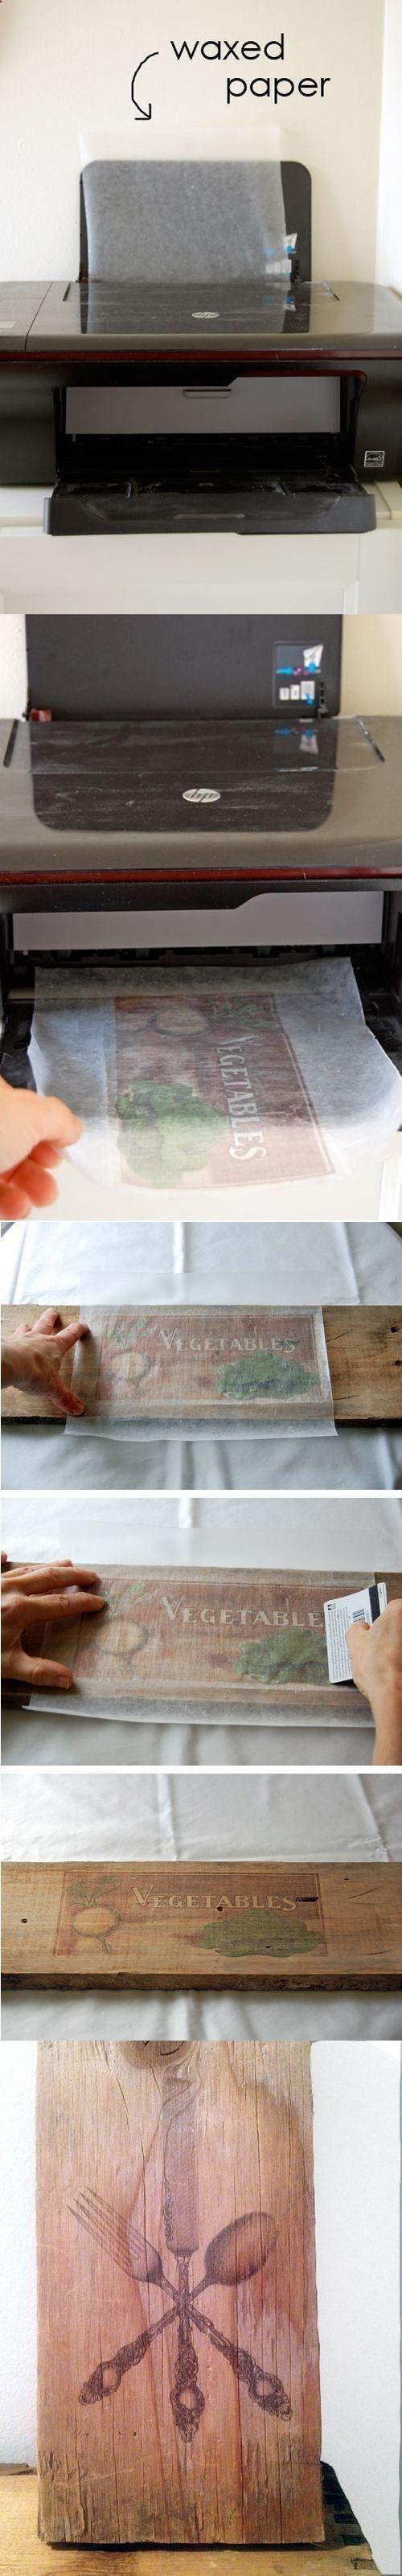 Transférer une photo sur un bloc de bois: La plus simple et rapide des méthodes! - Décoration - Des idées de décorations pour votre maison et le bureau - Trucs et Bricolages - Fallait y penser !: